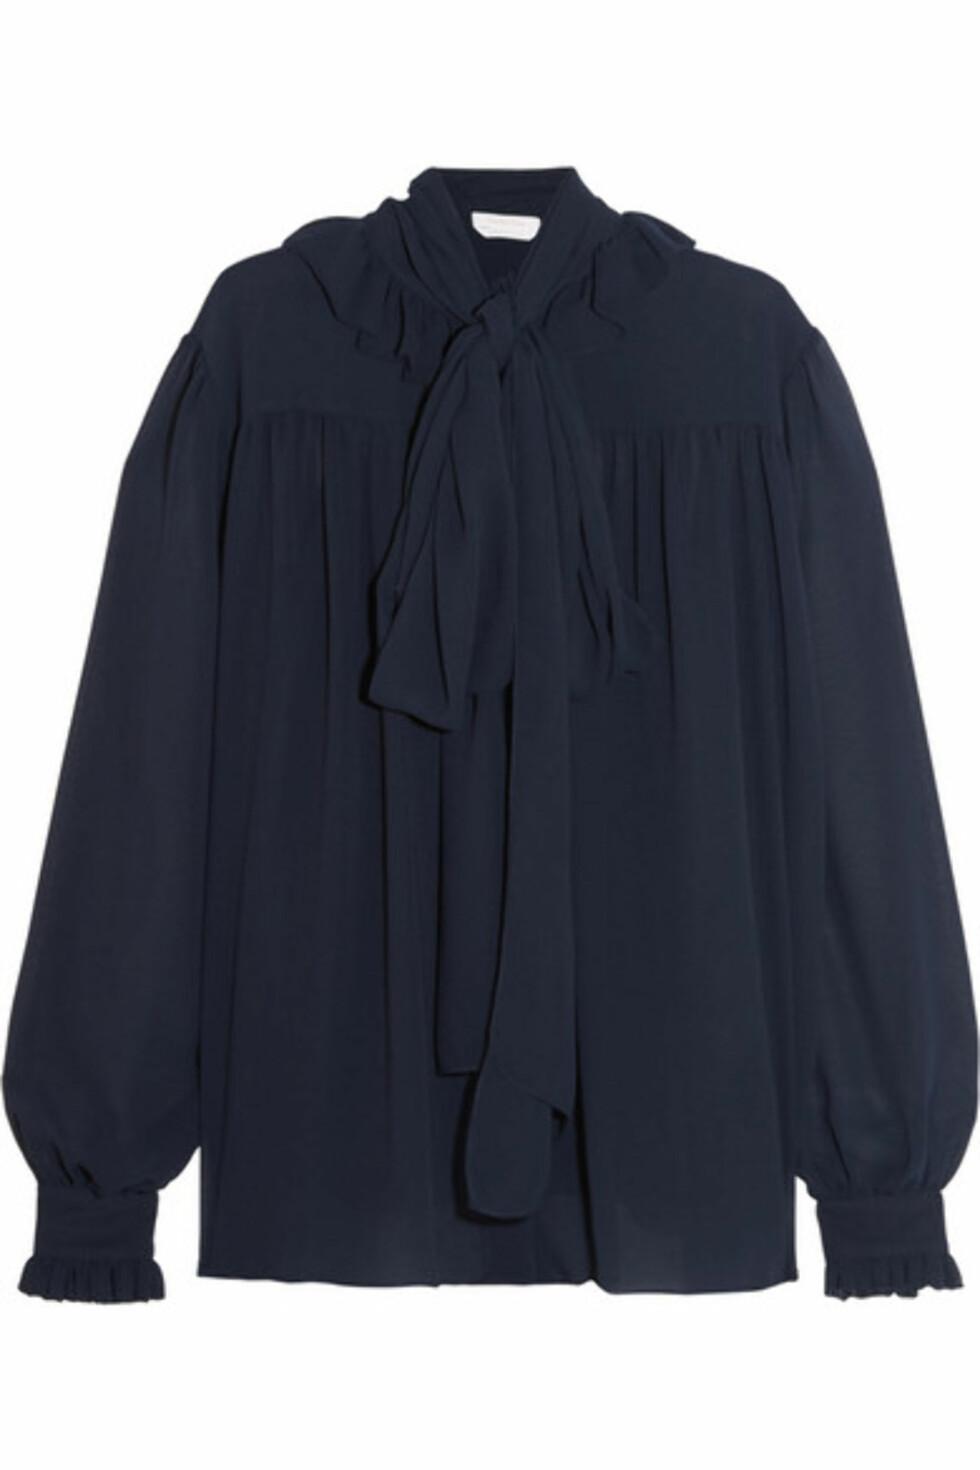 Bluse fra See By Chloé via Net-a-porter.com | ca. kr 3700 | Foto: Produsenten